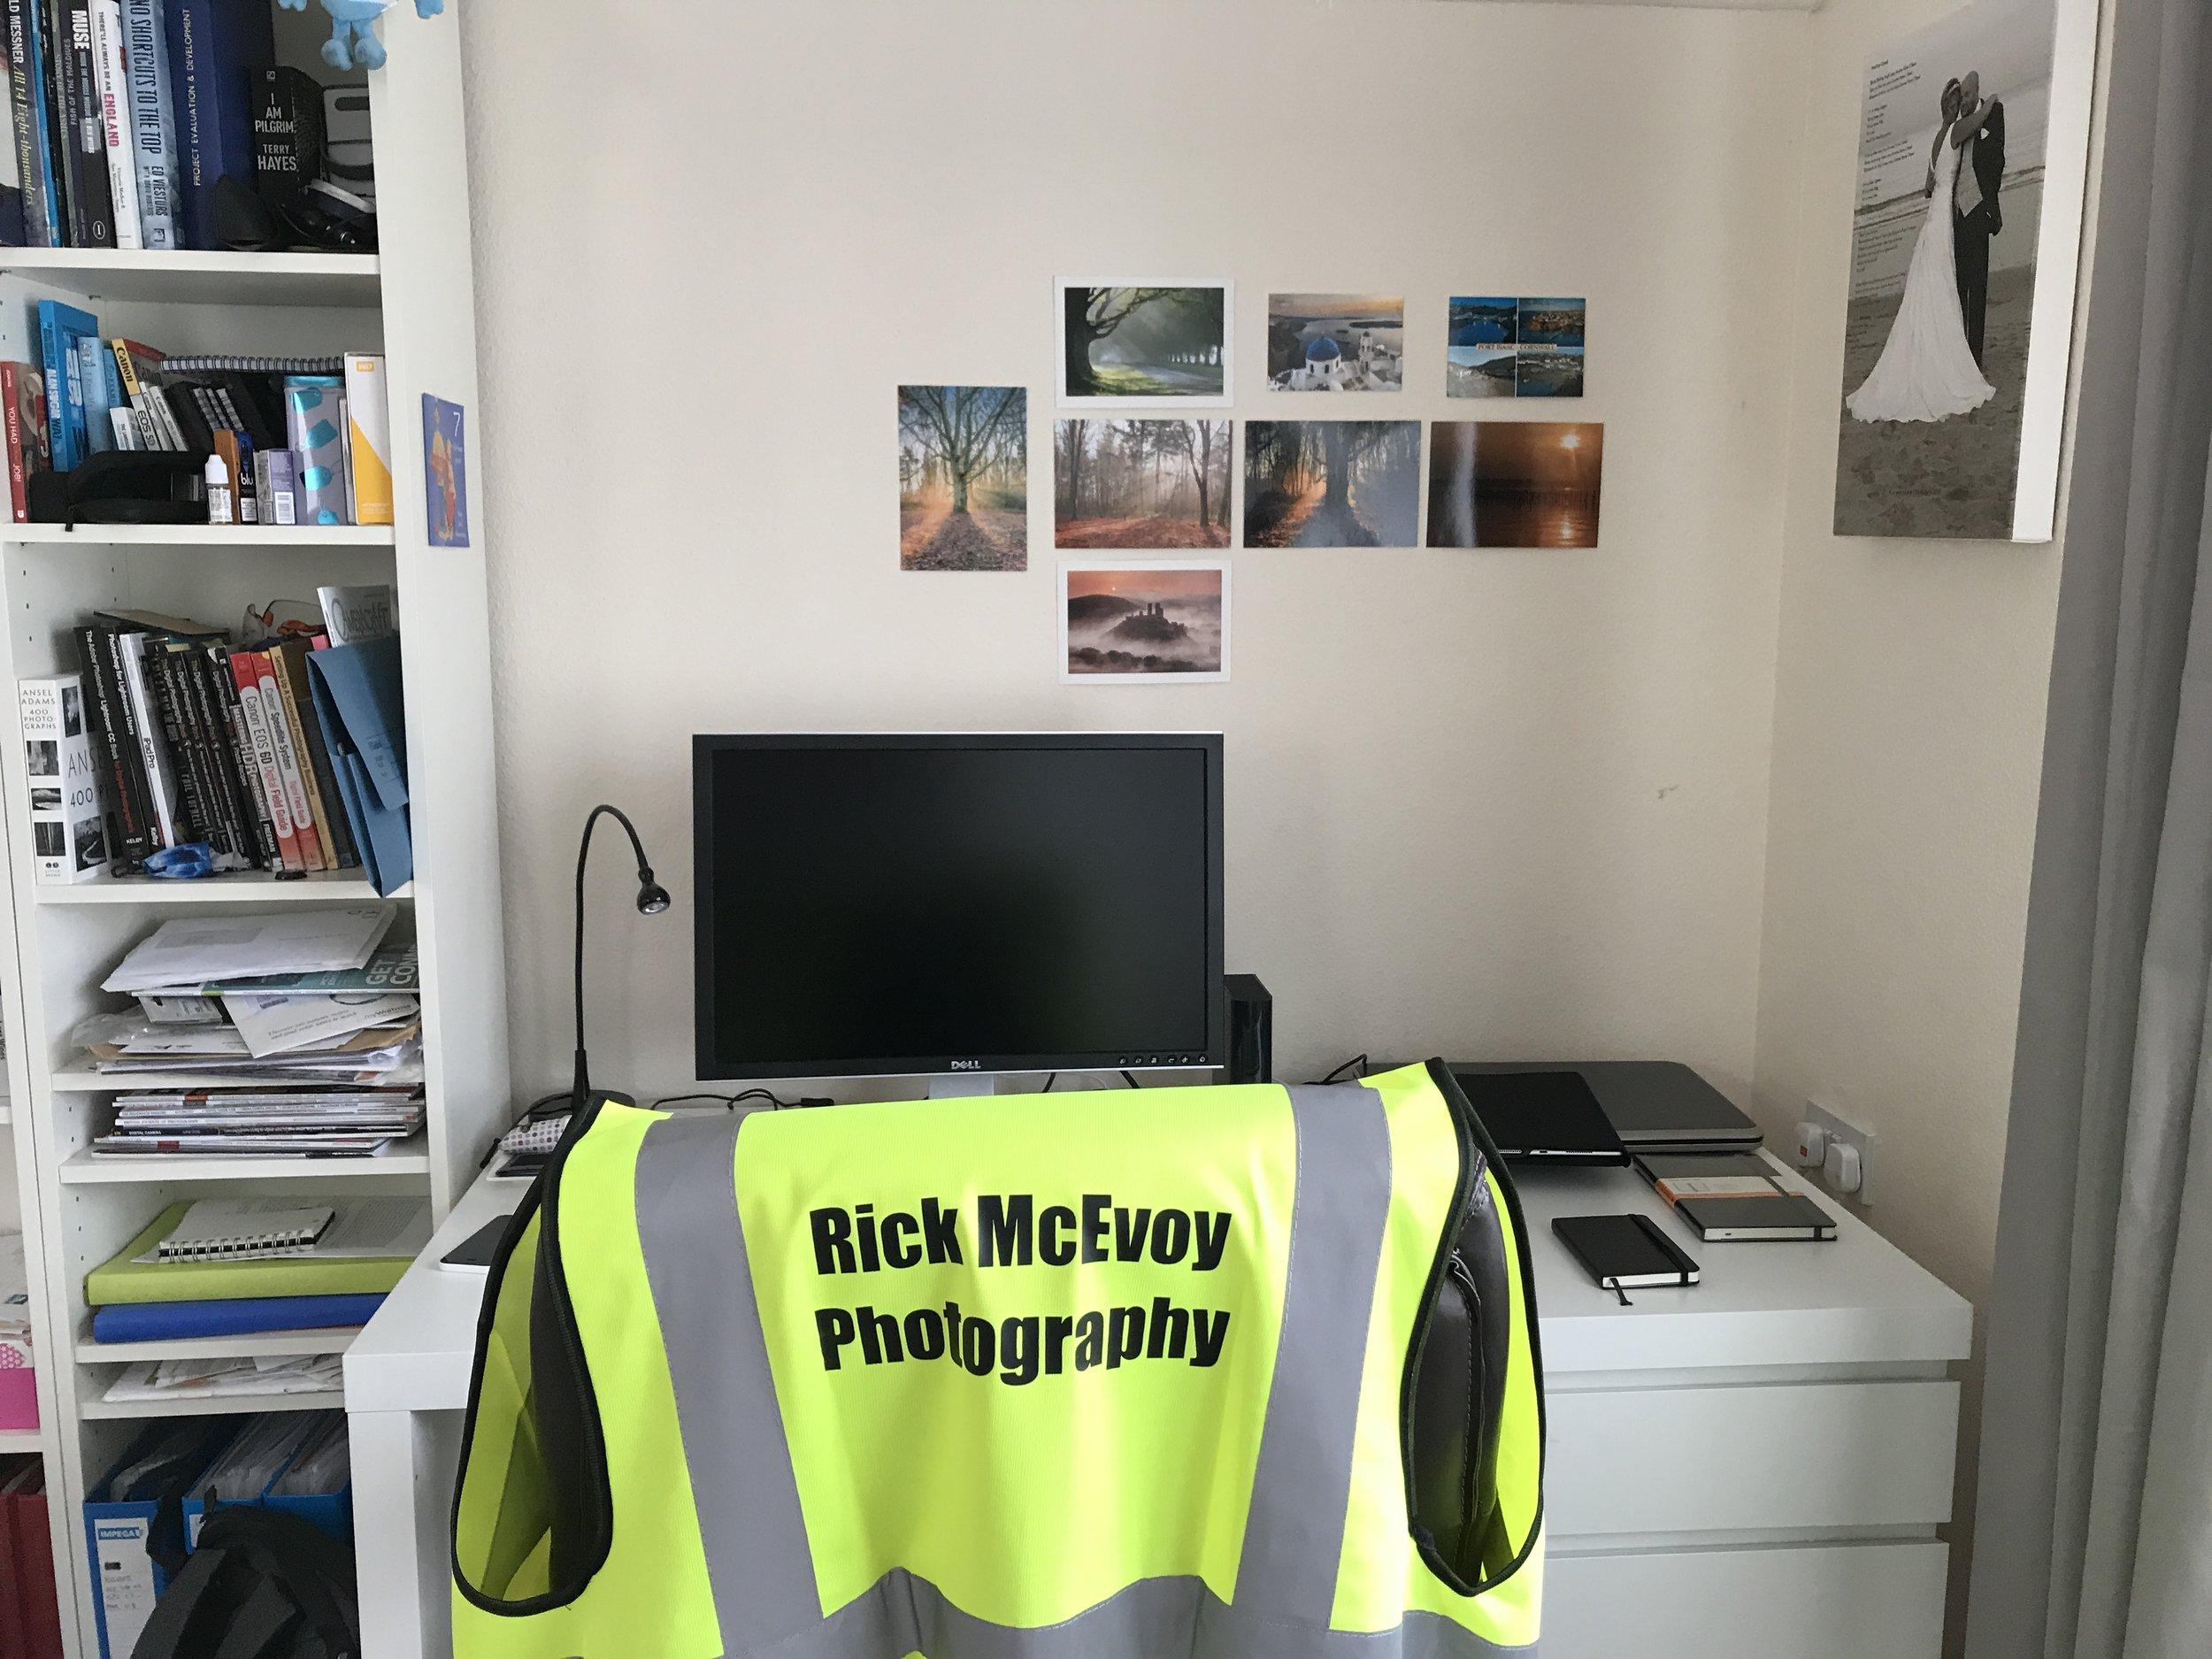 Rick McEvoy Photography personalised clothing